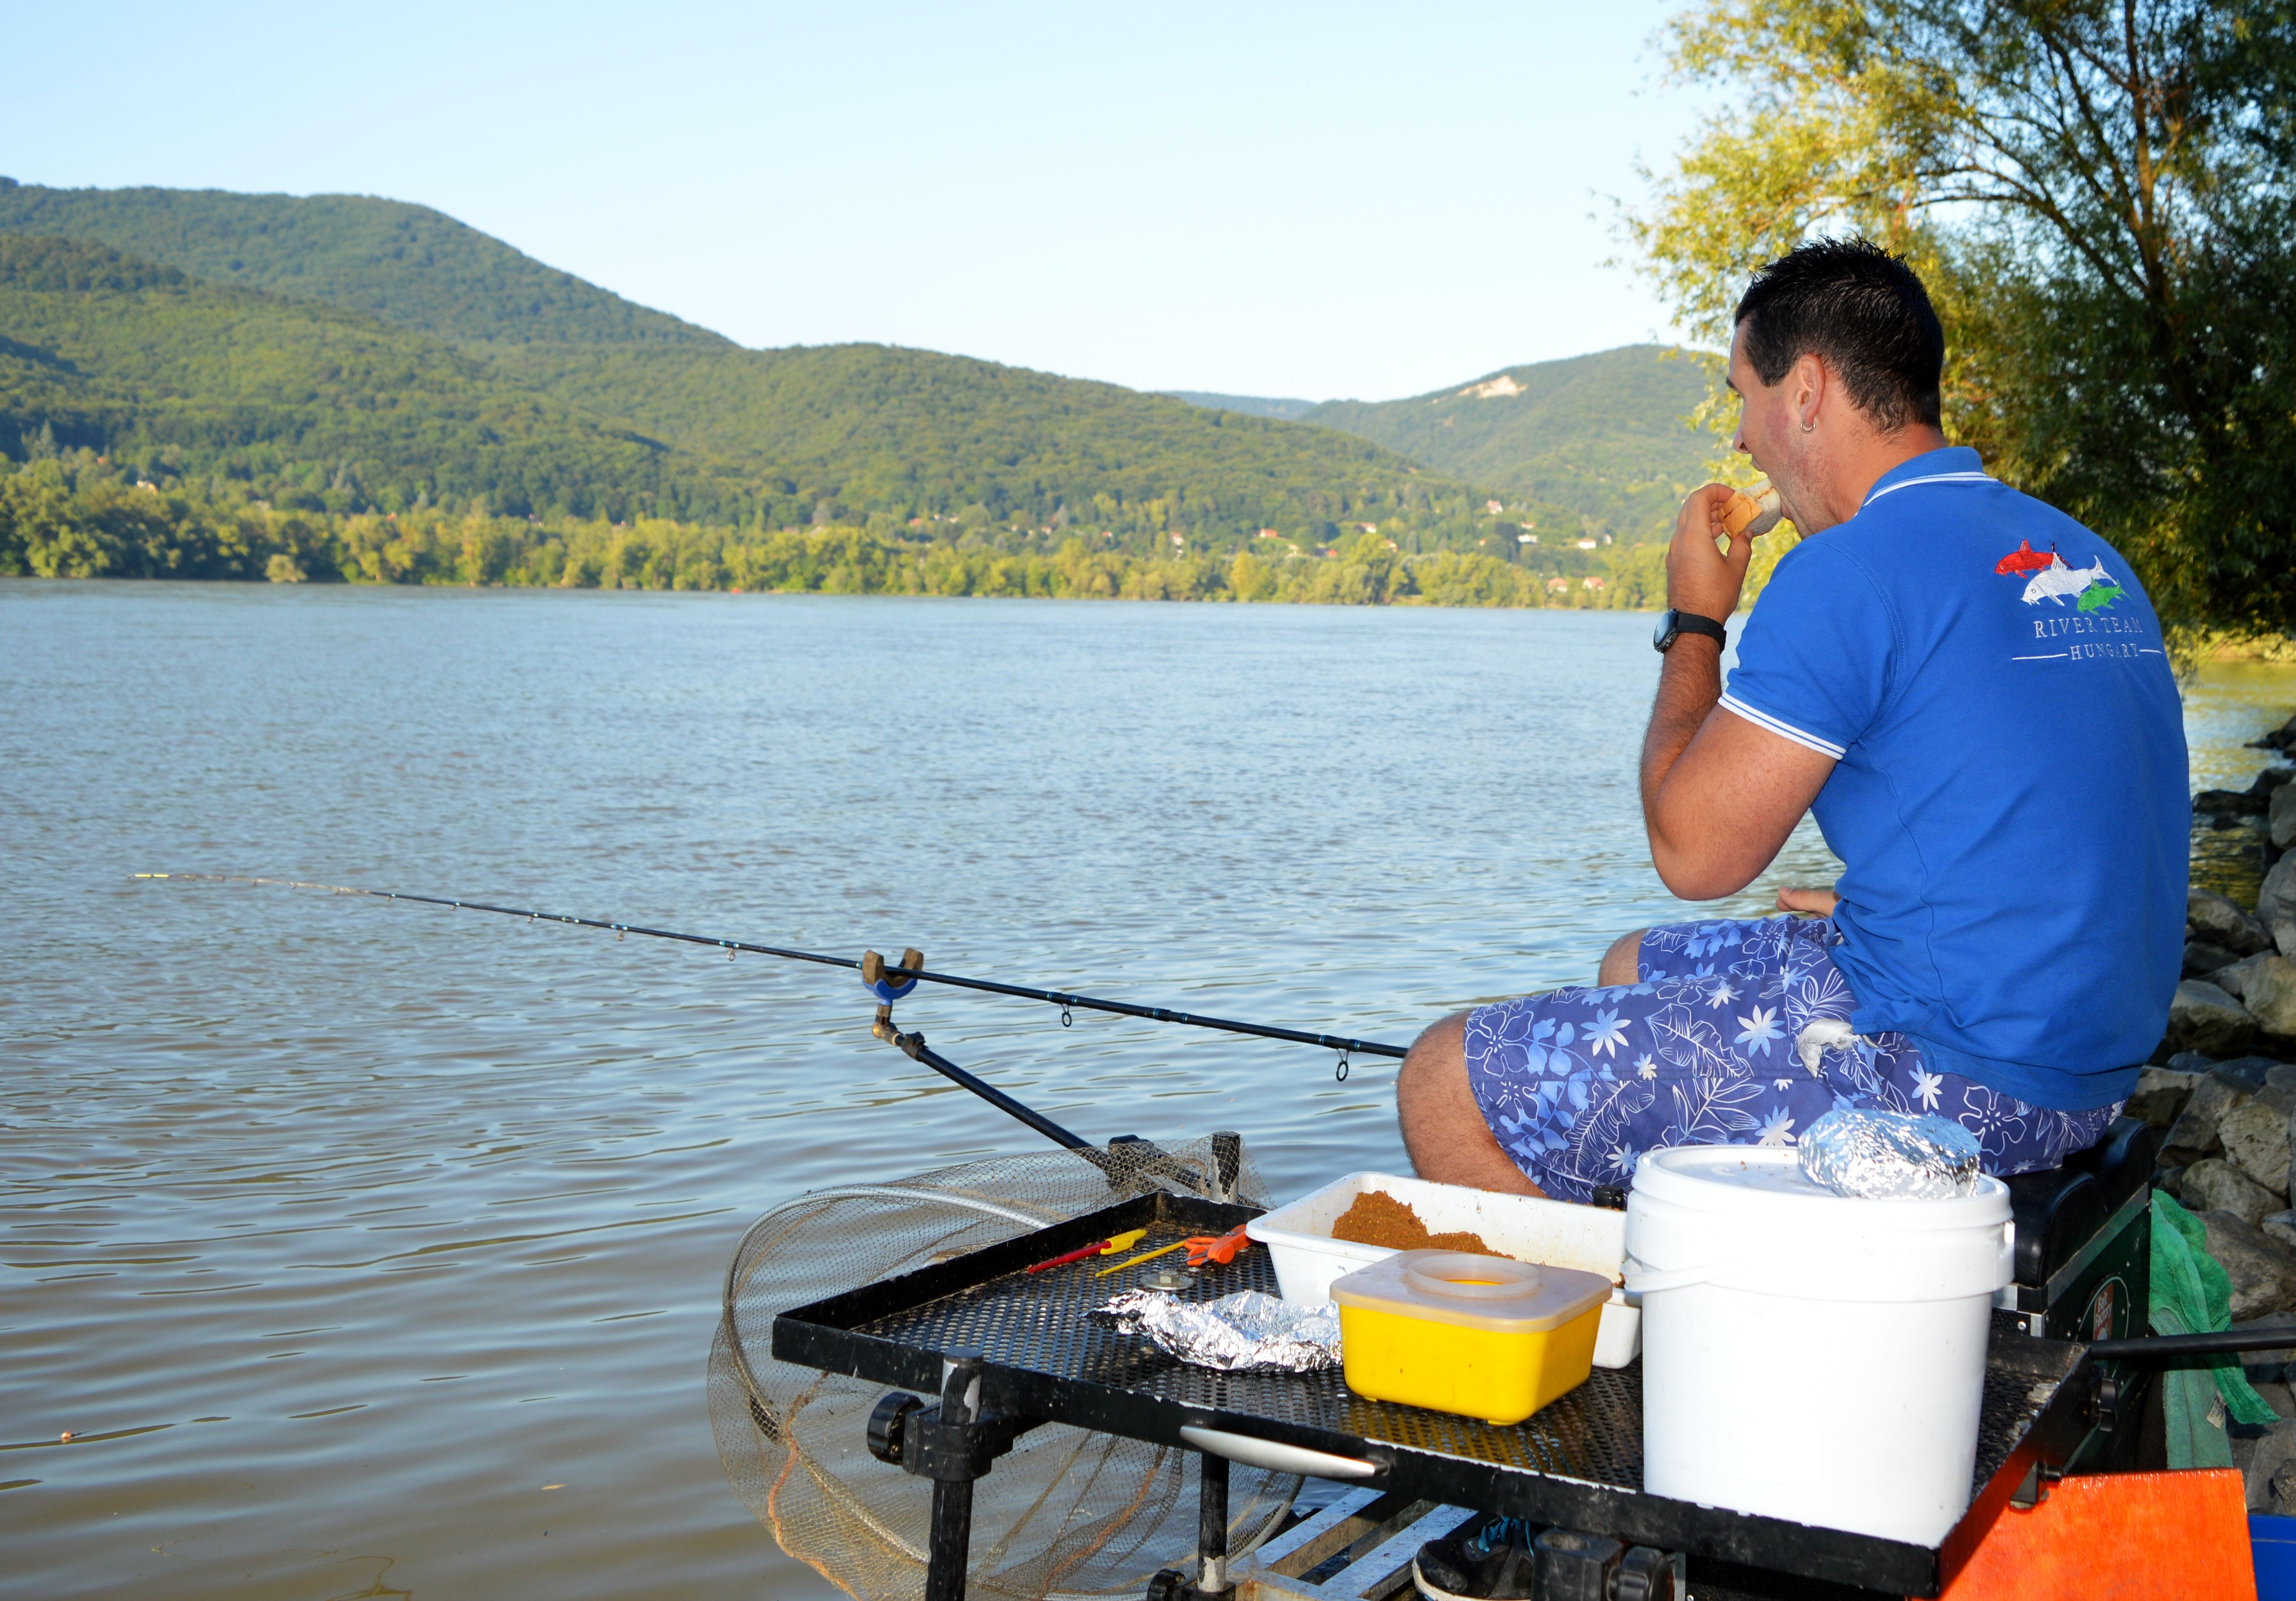 amikor_nem_figyelek_a_botra_akkor_jon_a_kapas_a_szalamis_szendvics_mindig_meghozza_a_jo_halat.jpg